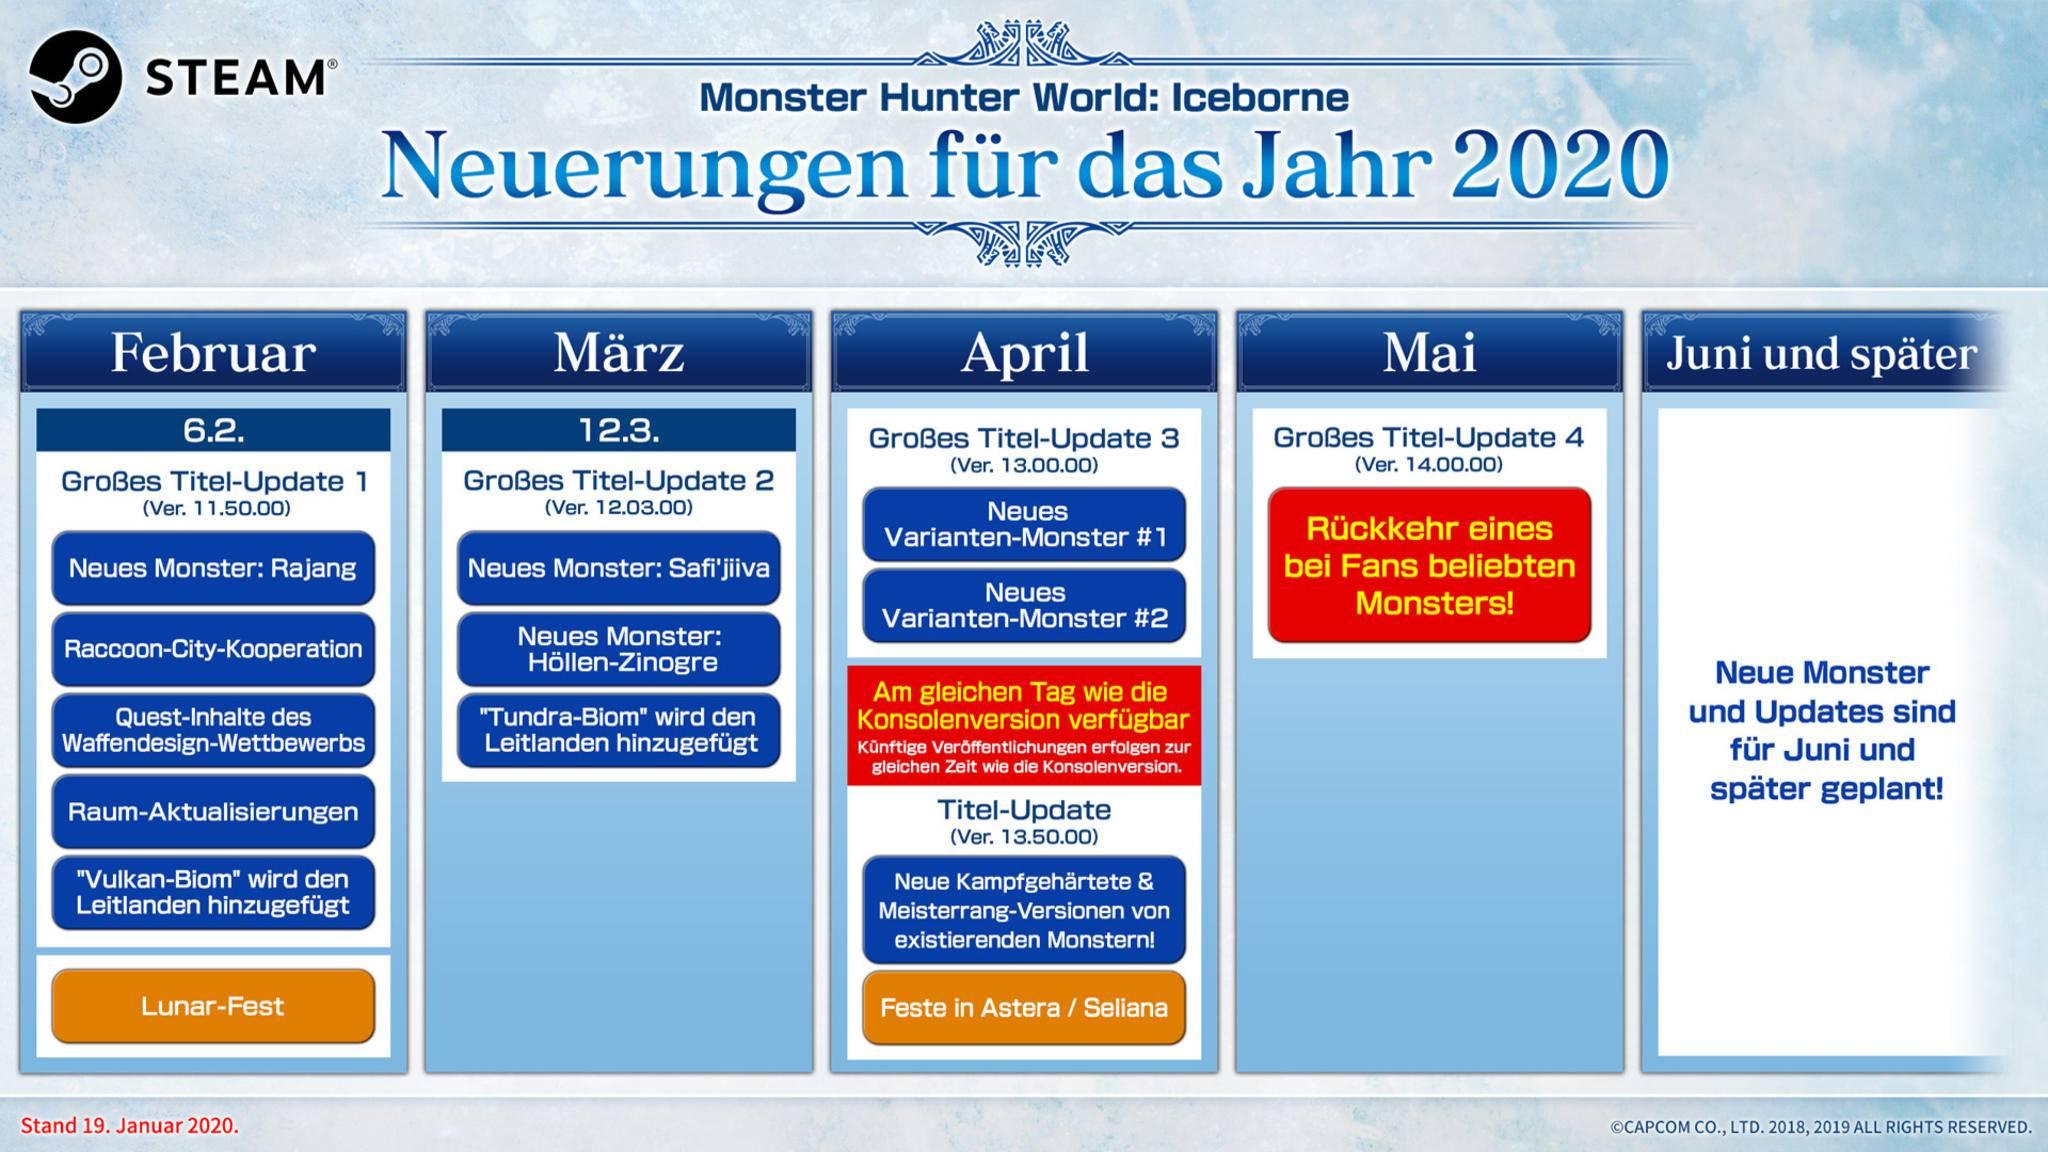 monster-hunter-iceborne-roadmap-2020